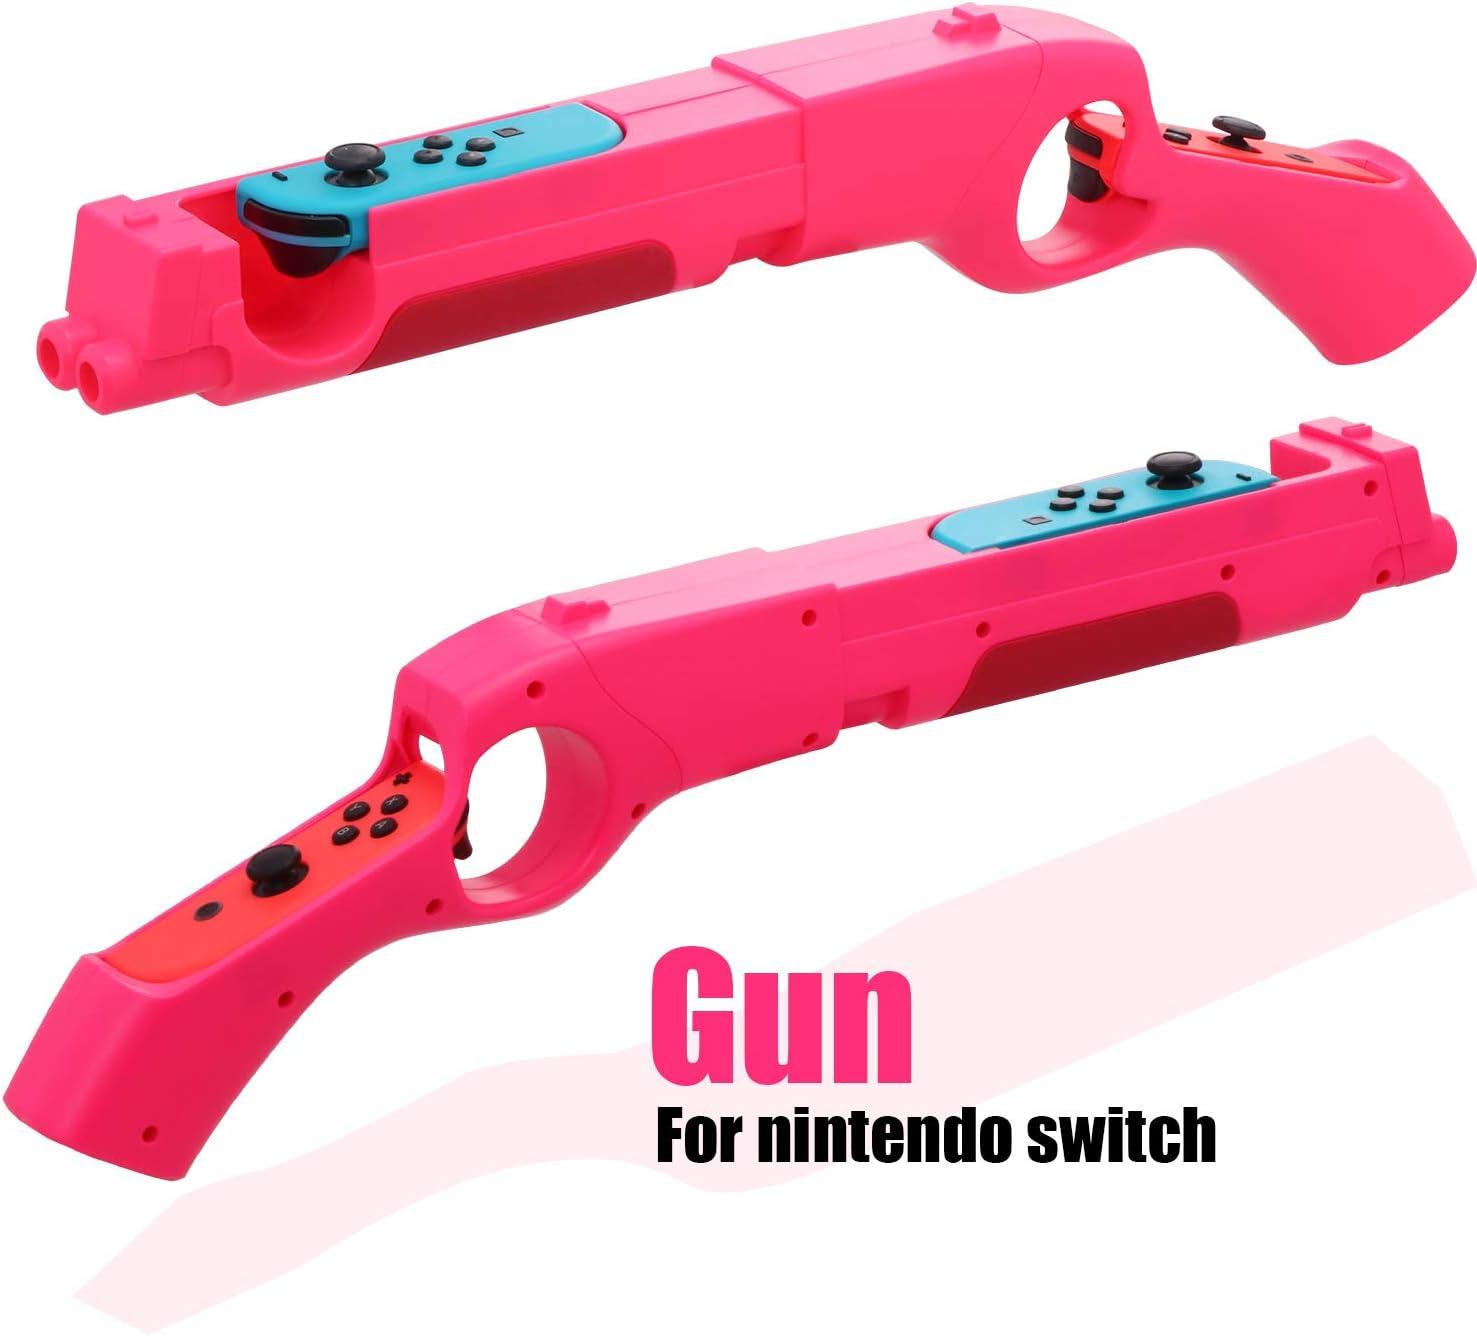 Controlador de pistola de juego compatible con Nintendo Switch Shooting Games Wolfenstein 2: The New Colosus, Big Buck Hunter Arcade - Nintendo Switch y otros juegos de disparo, color rosa (1 paquete):